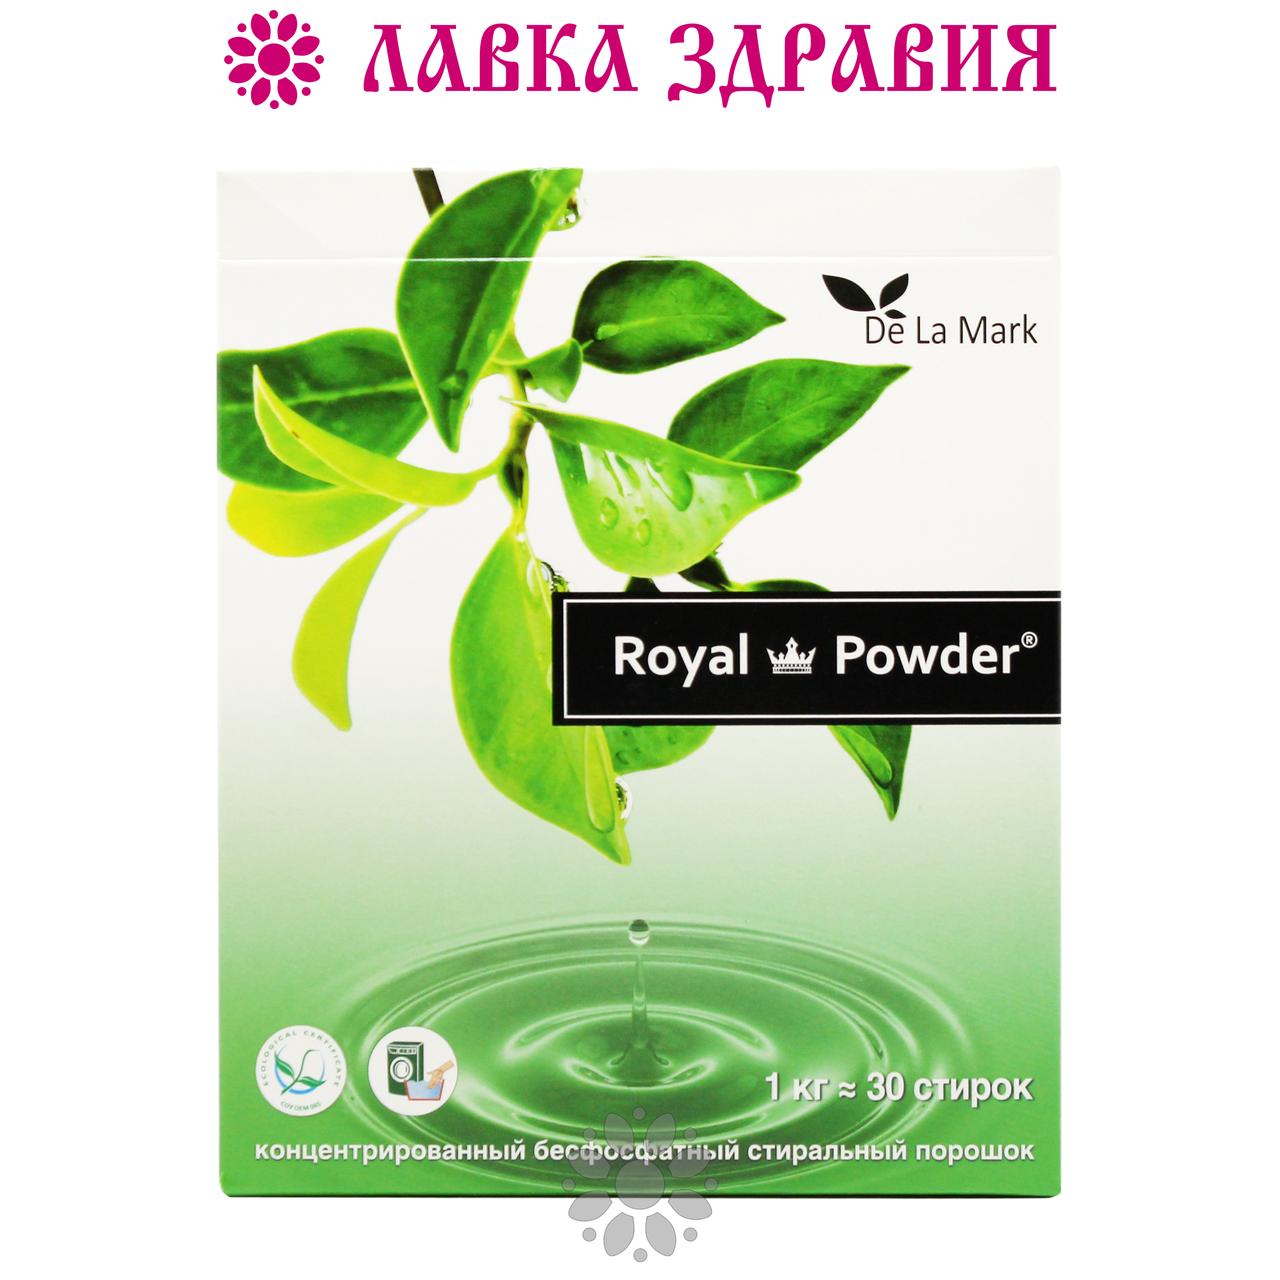 Концентрированный бесфосфатный стиральный порошок Royal Powder Universal, 1 кг